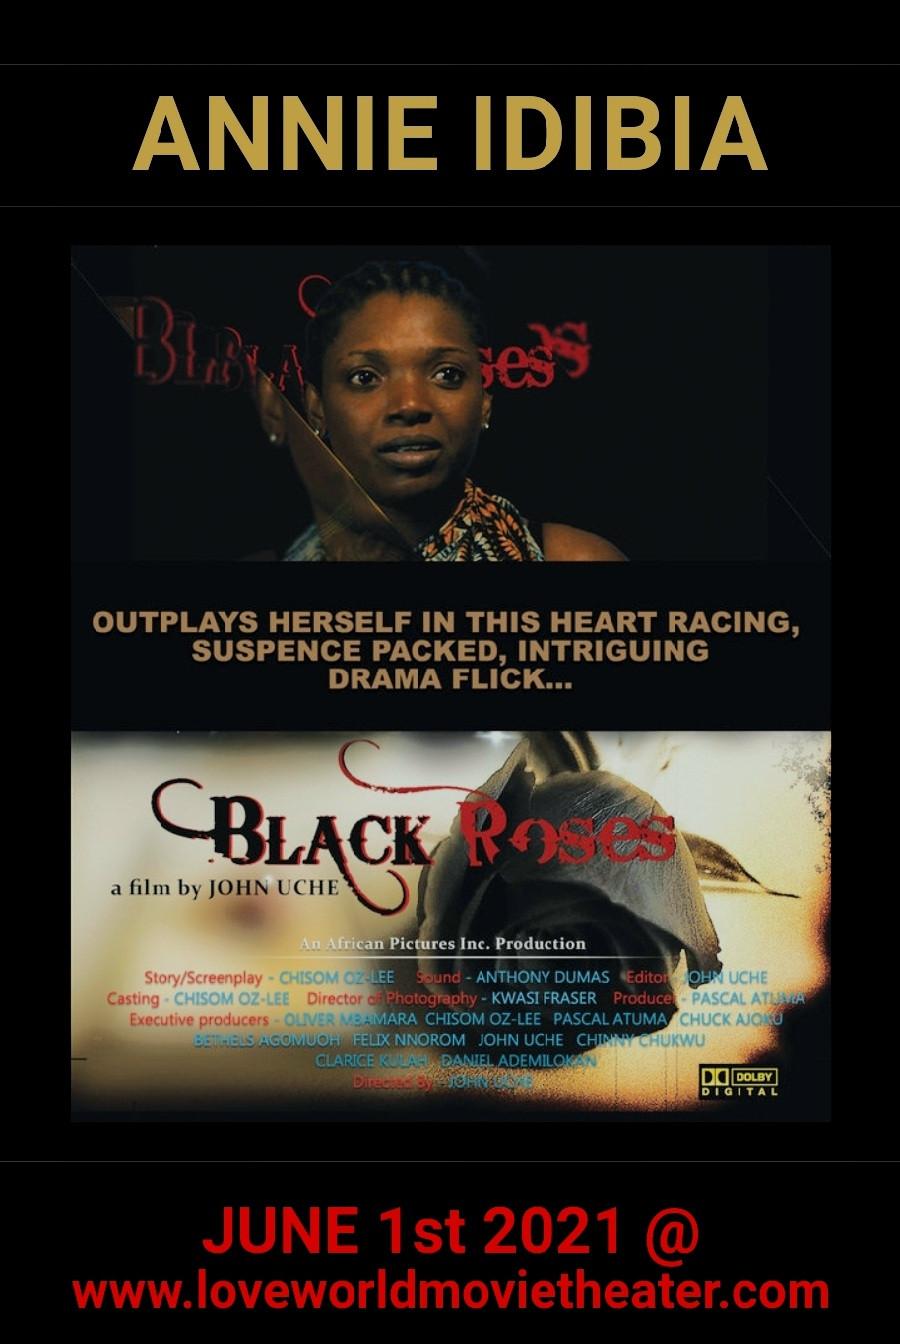 Black Roses... Coming June 1st 2021